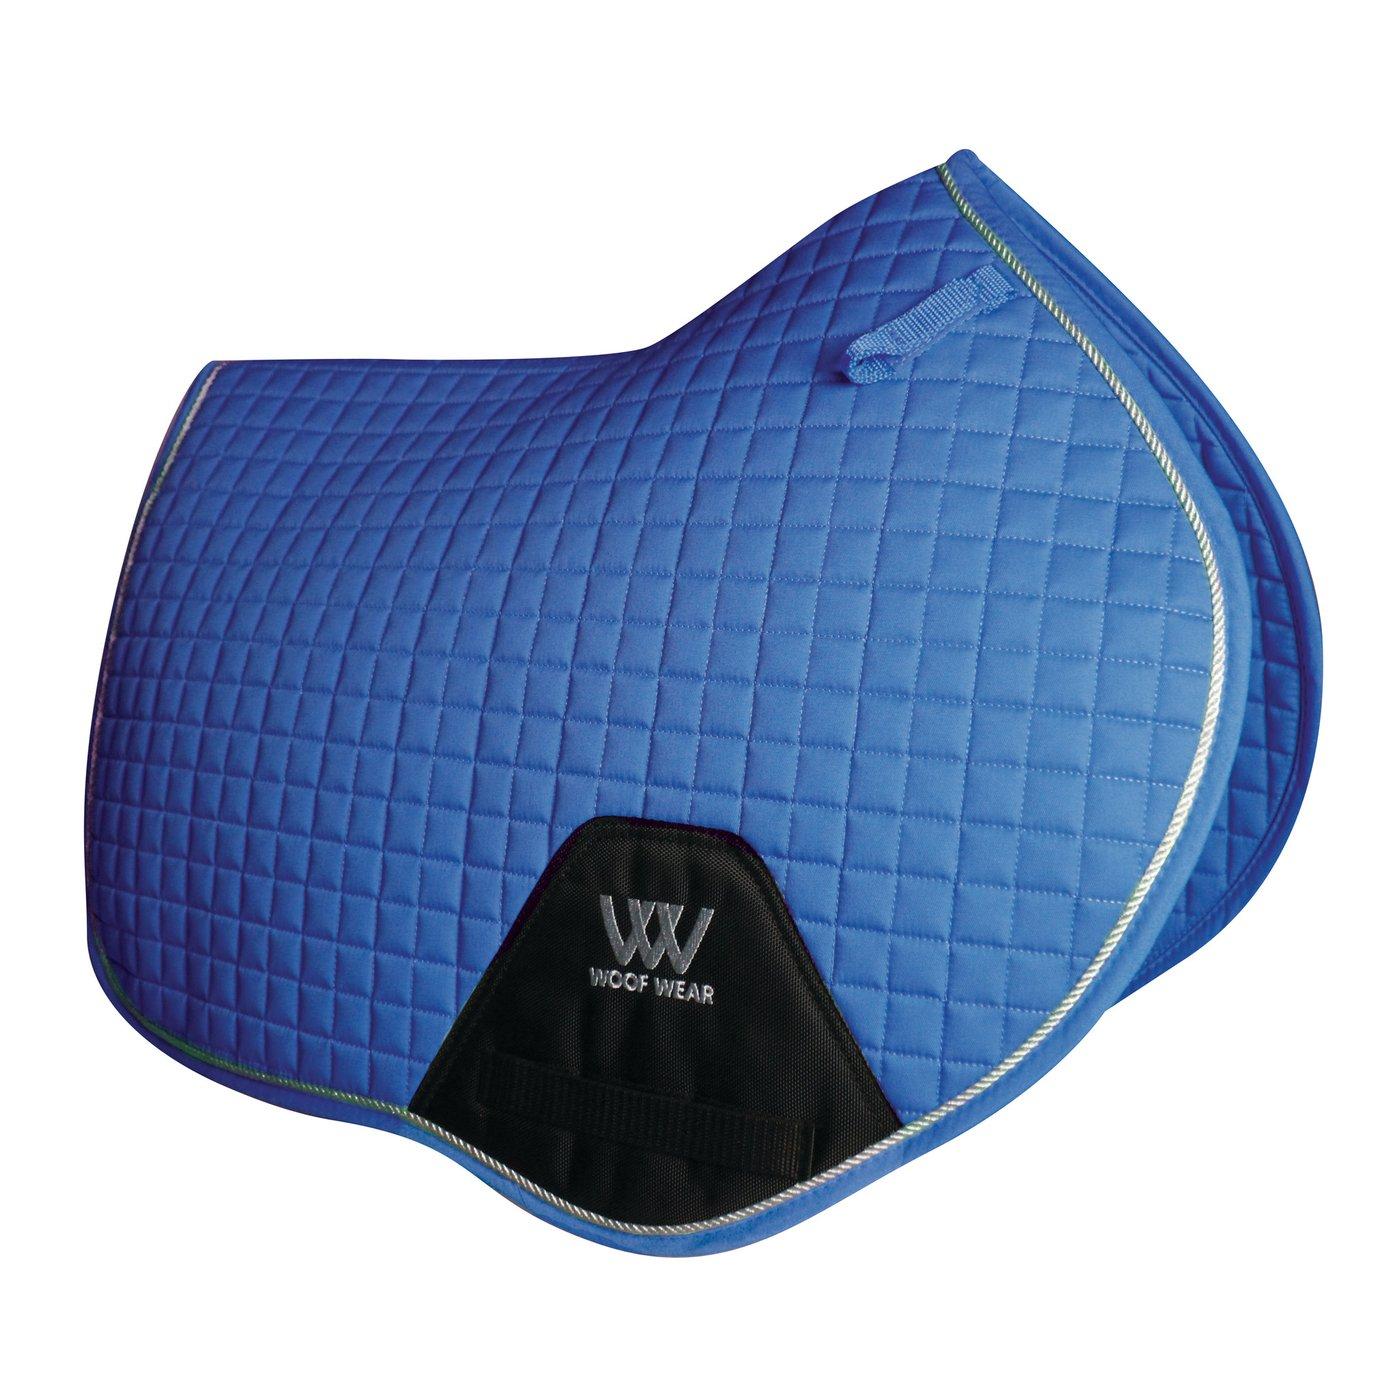 Woof Wear Colour Fusion Contour Saddle Cloth